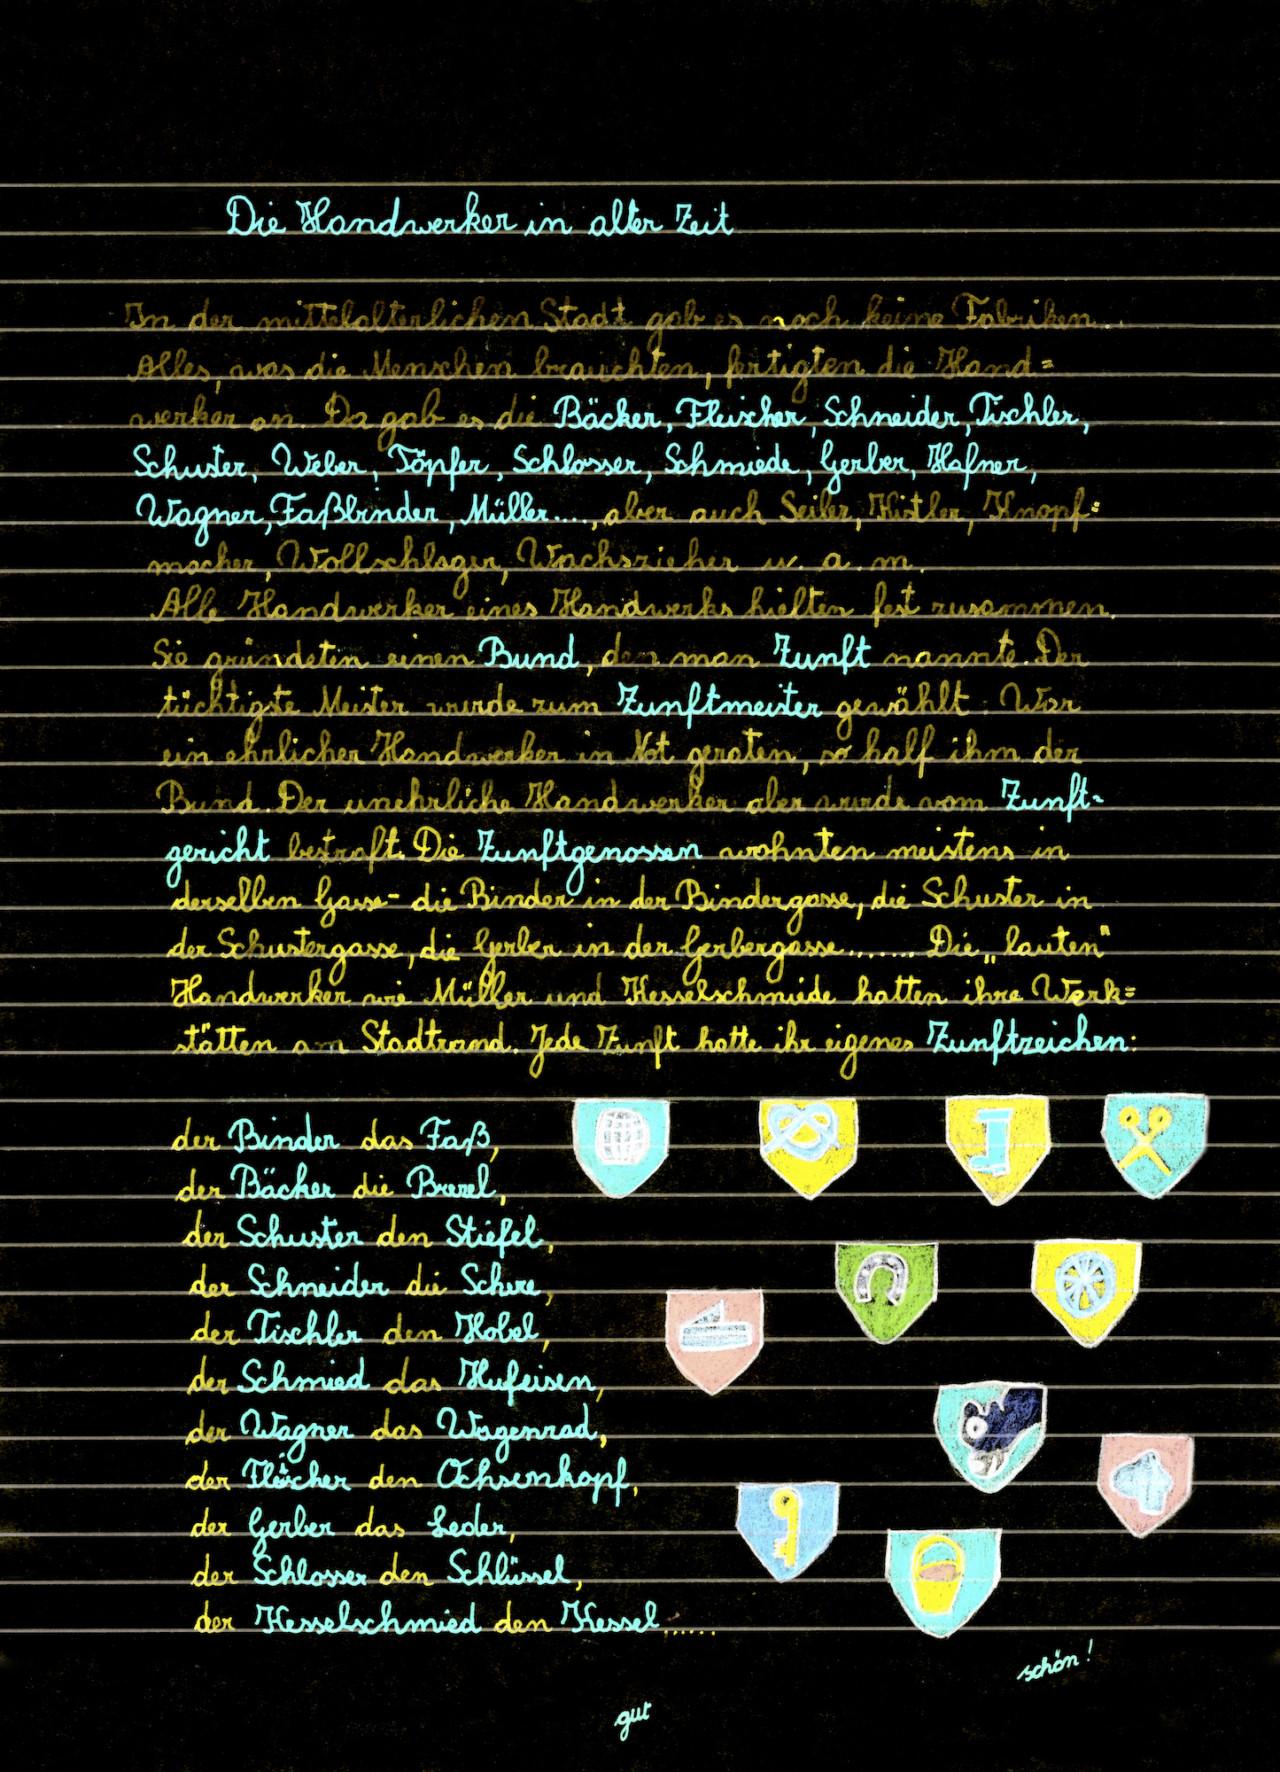 Heimatkunde, 1993-1995